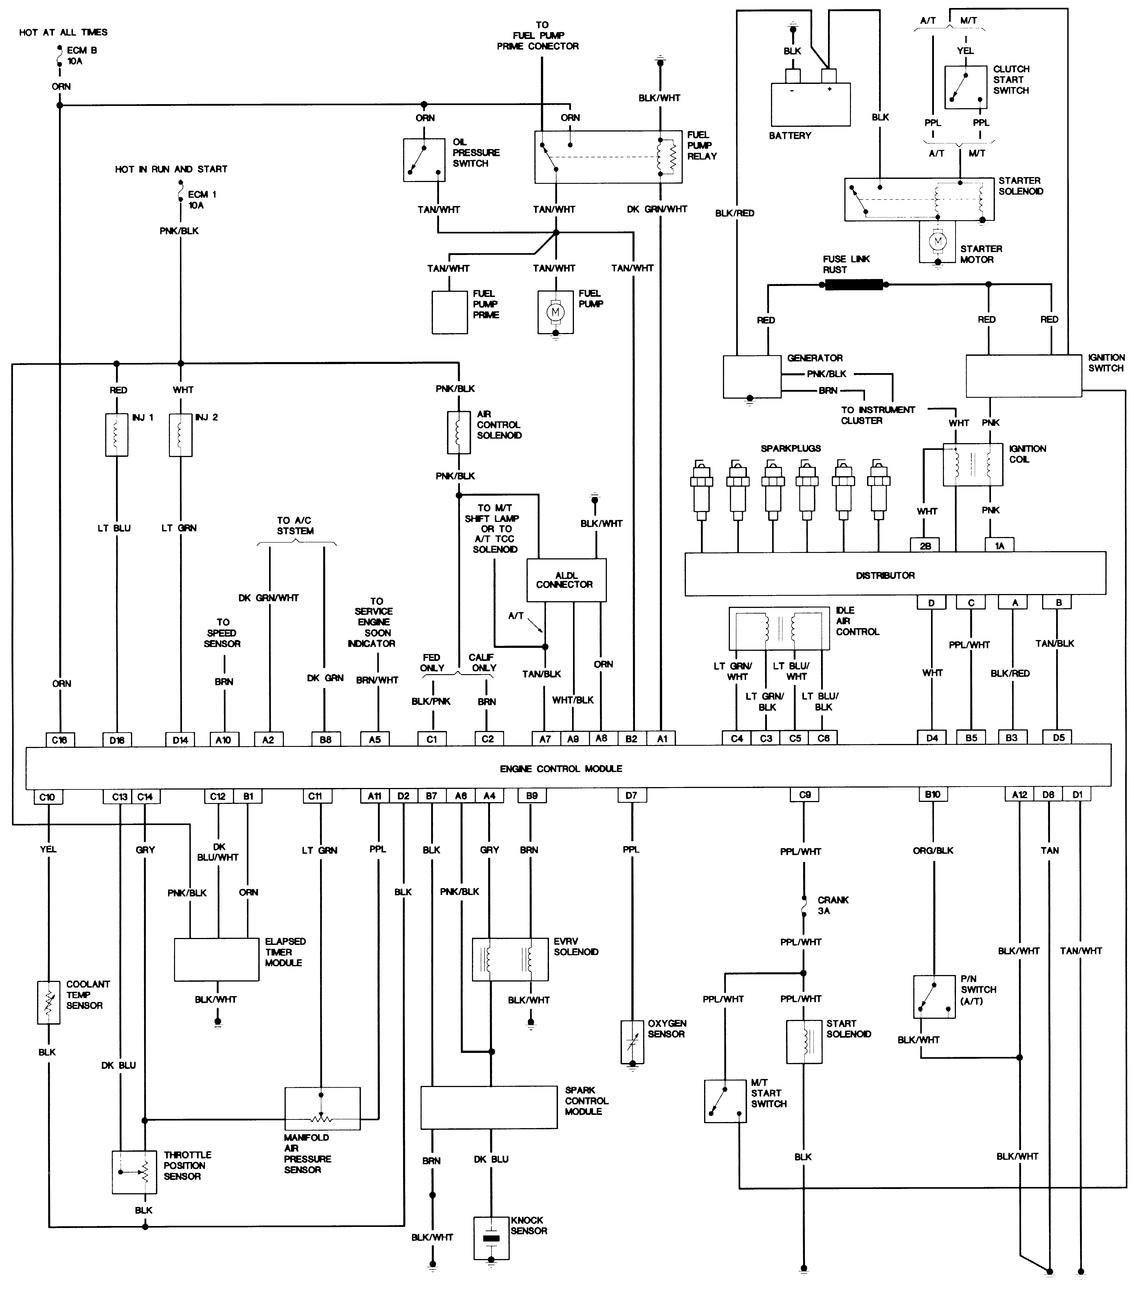 2003 s10 wiring schematic - cub cadet lt1045 pto wiring diagram -  supra6.enjoyskisportonlus.it  trusted wiring diagram schematics